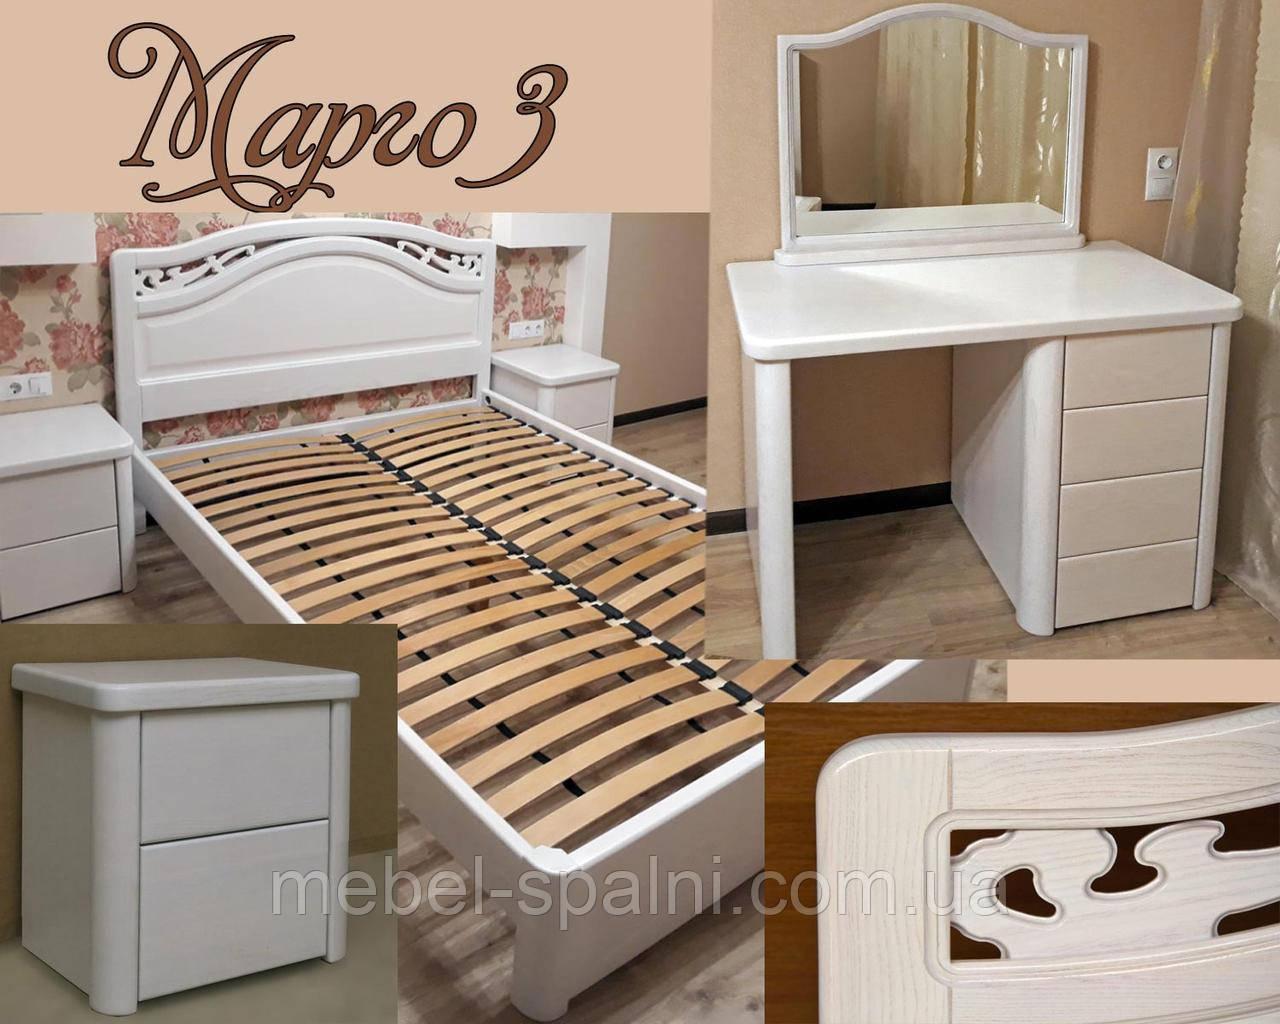 """Спальний гарнітур """"Марго 3"""" меблі для спальні. Біла, гарна, дерев'яна спальня"""